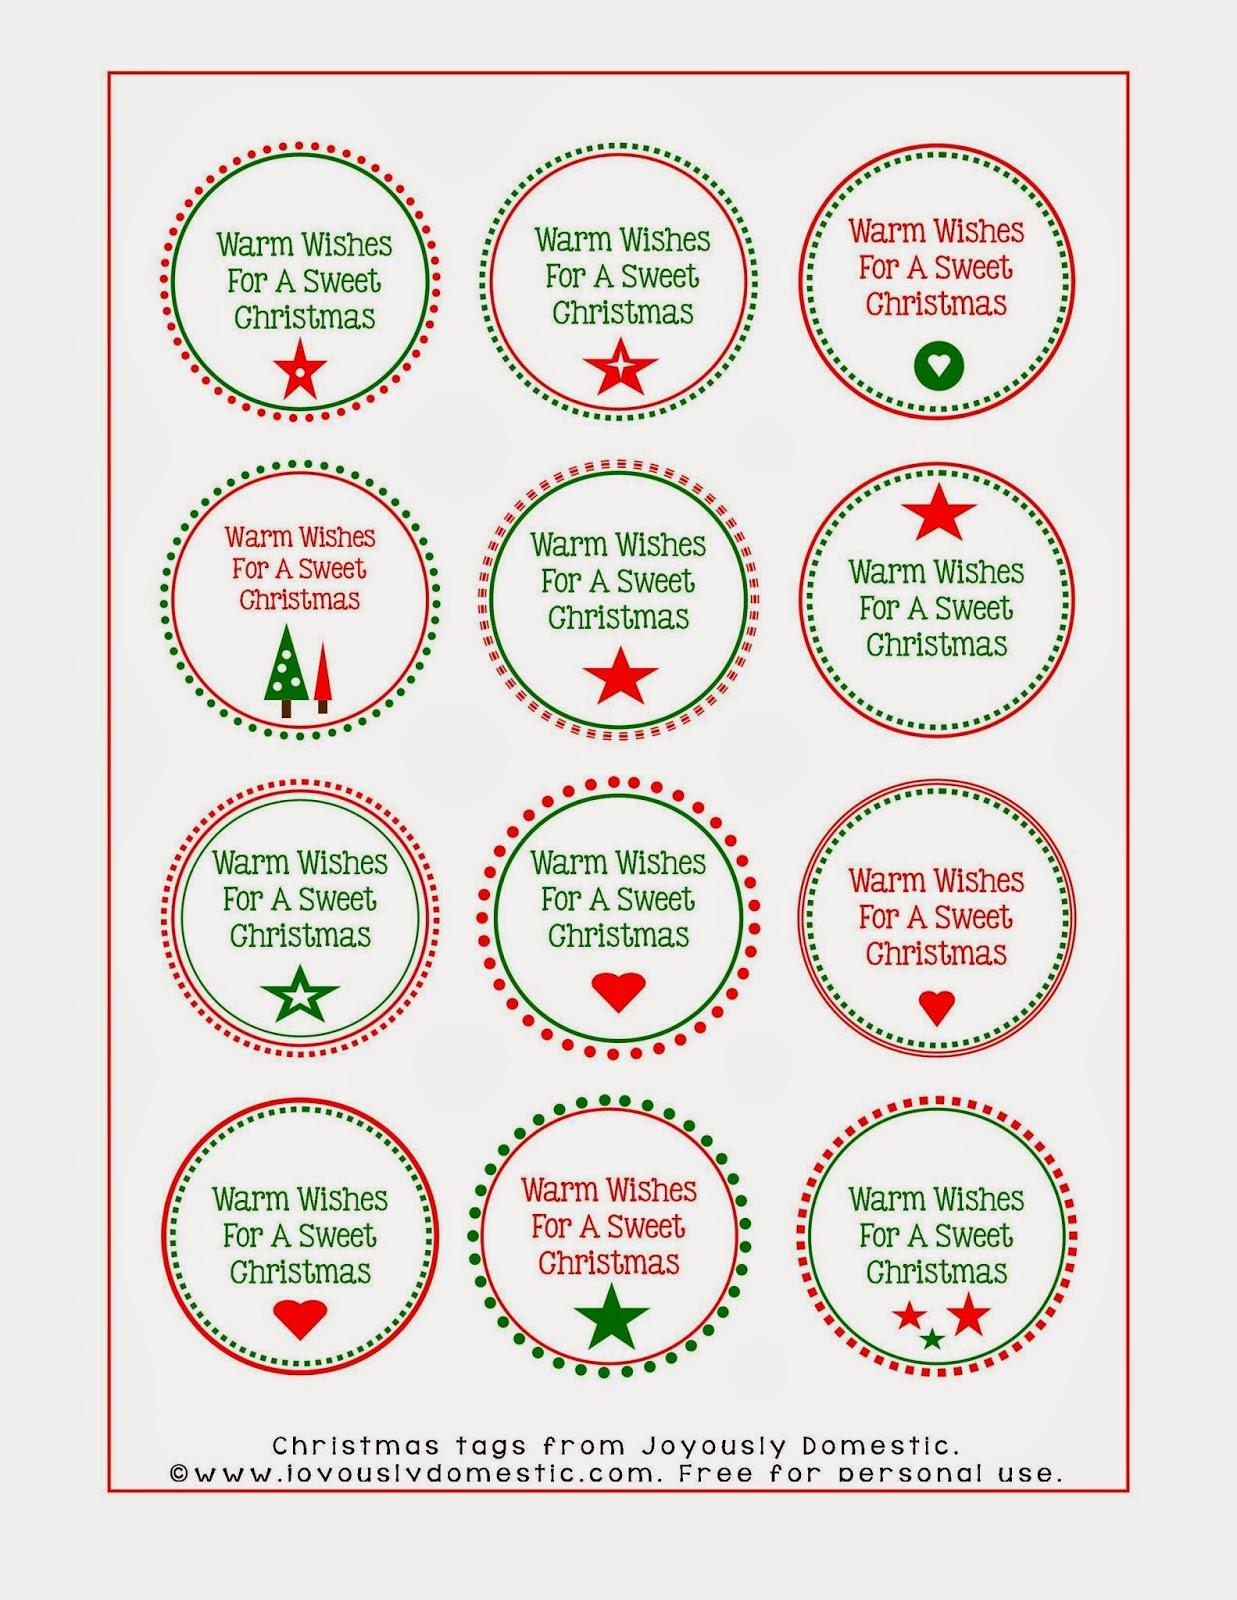 Joyously Domestic December